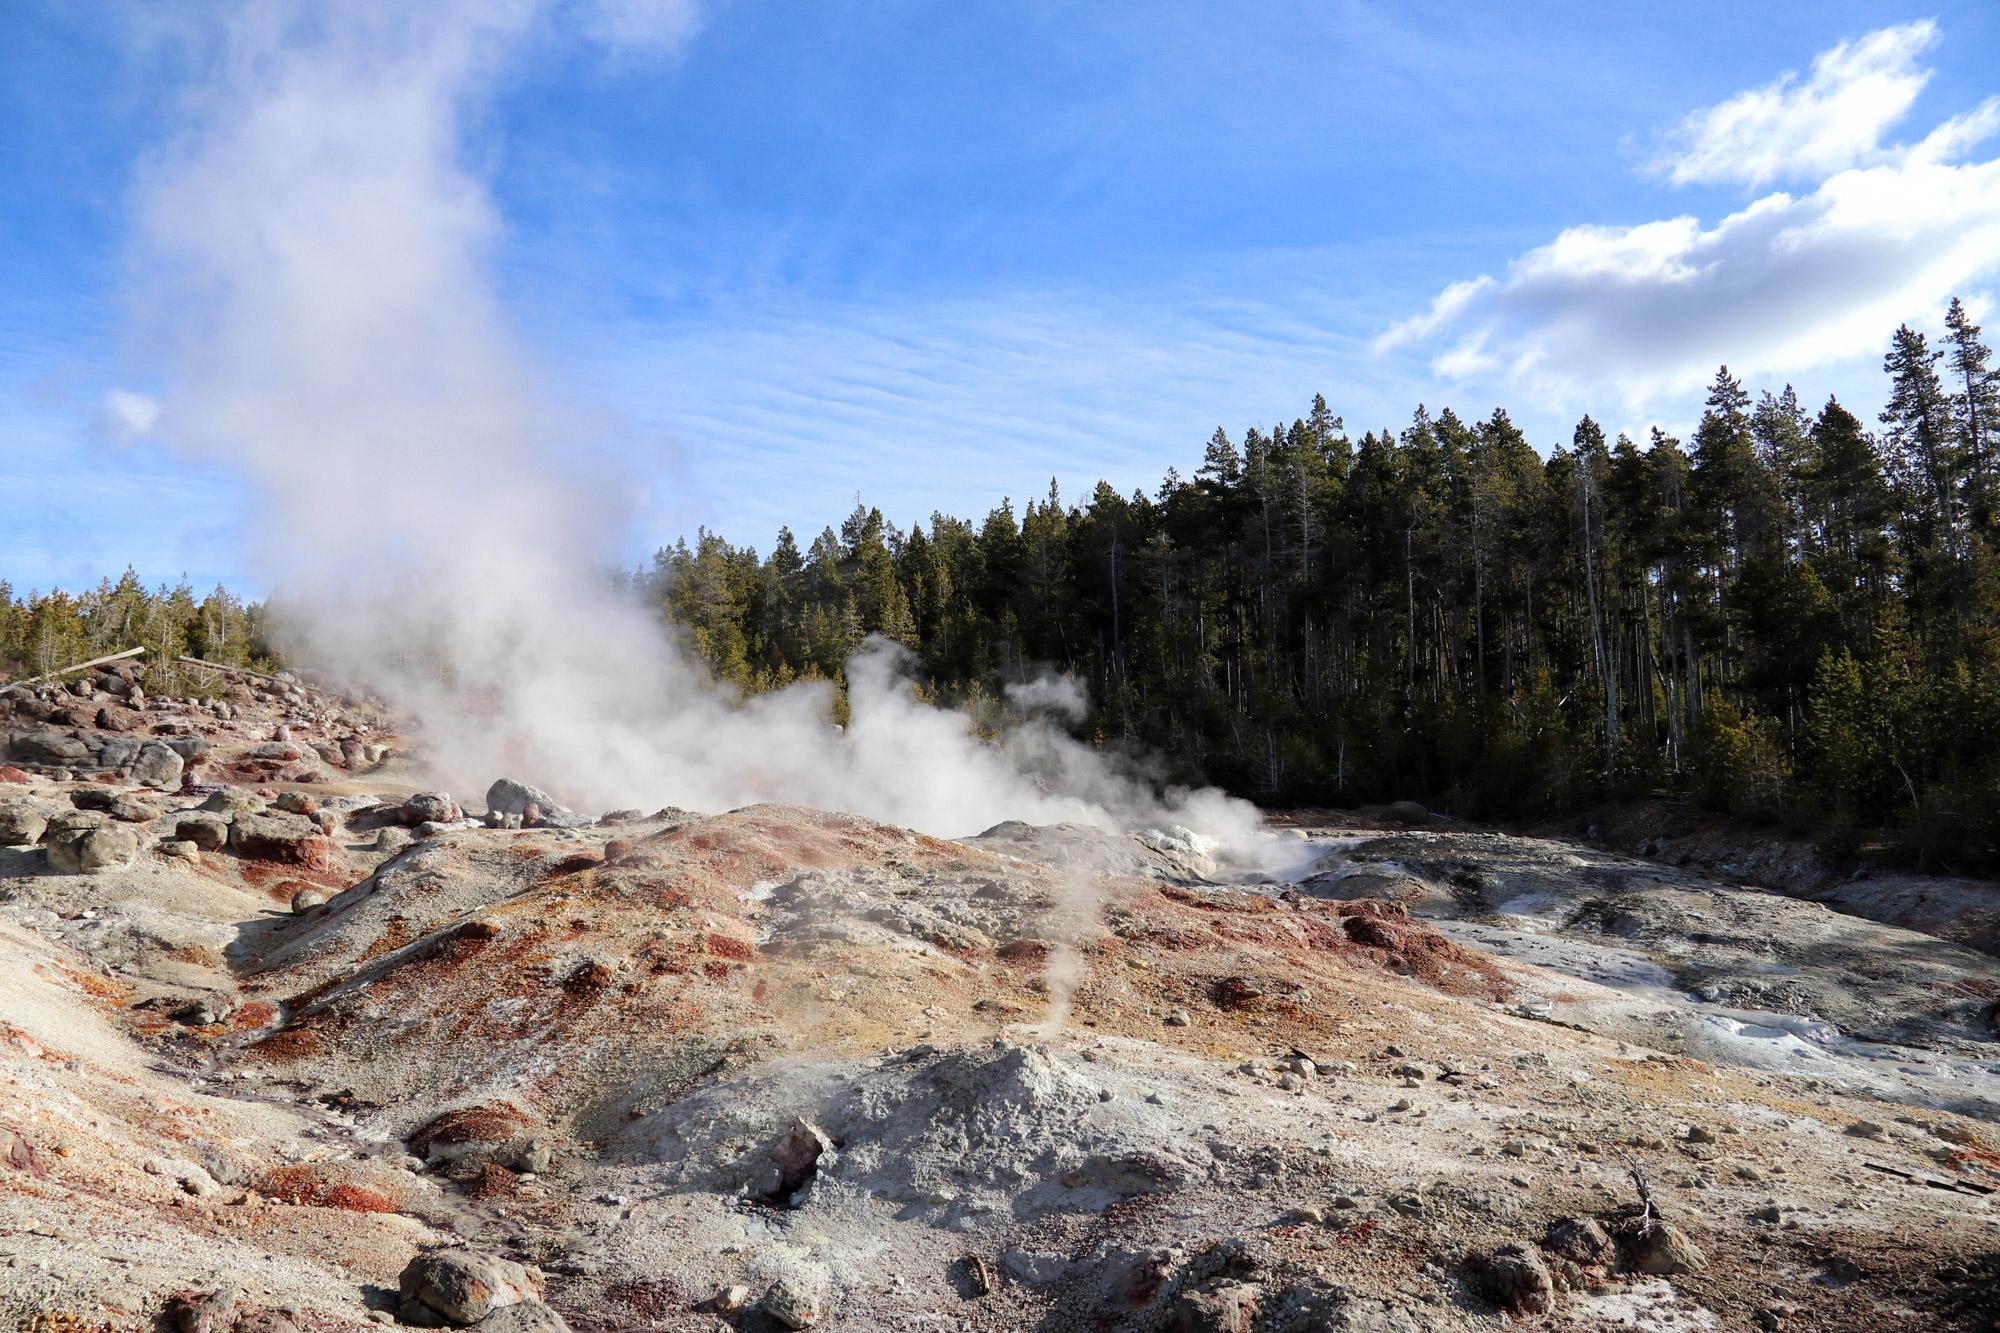 De hoogtepunten van Yellowstone National Park - Norris Geyser Basin